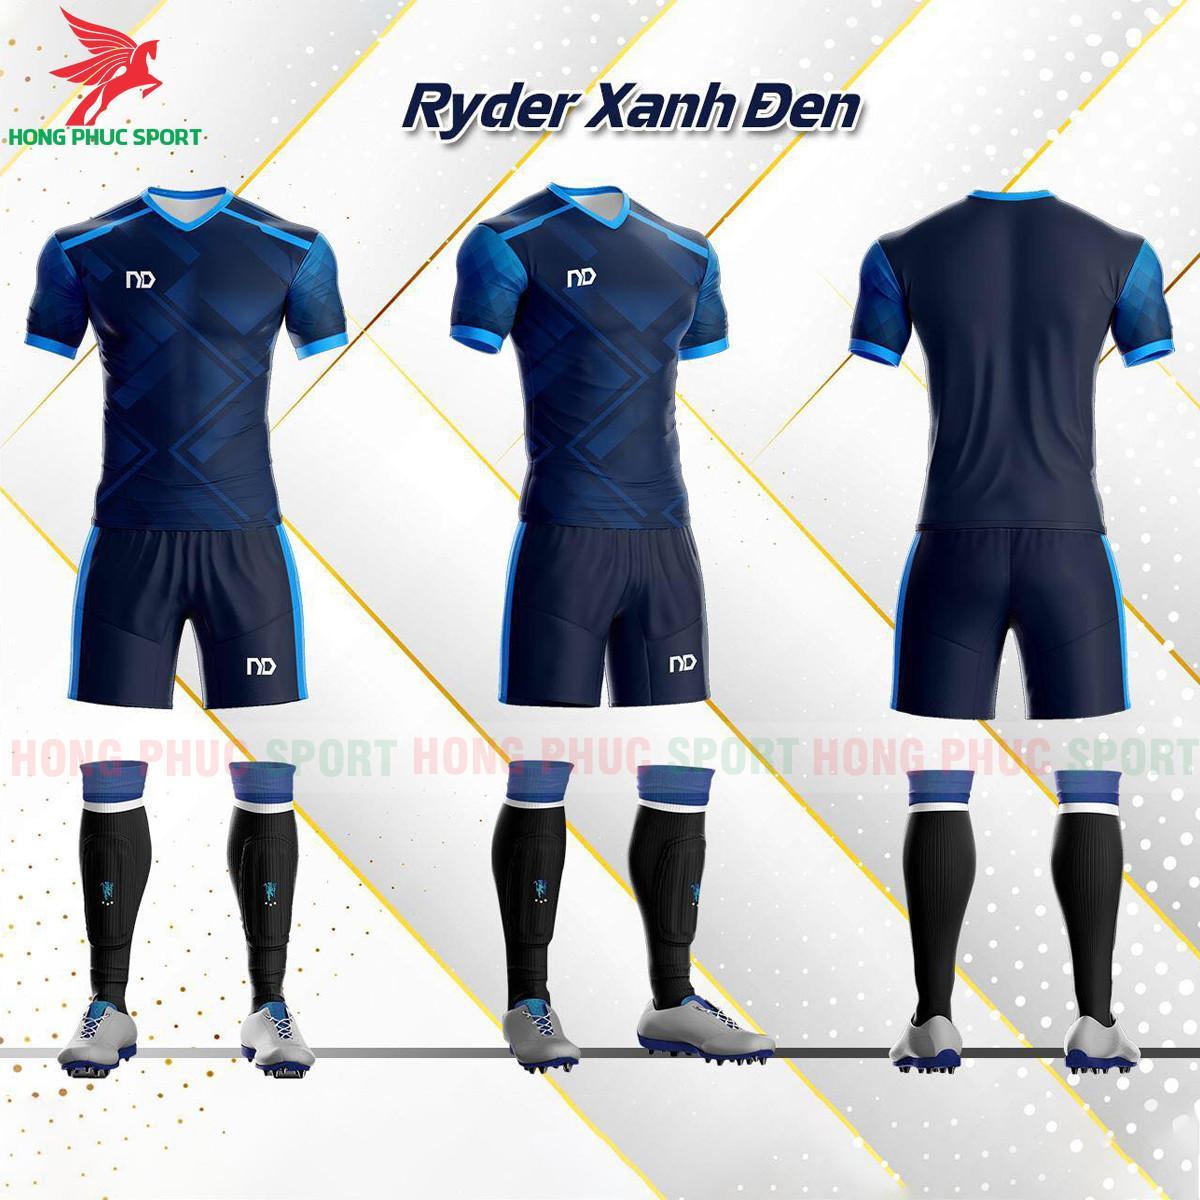 Áo đá banh không logo ND Ryder2021 màu xanh đen